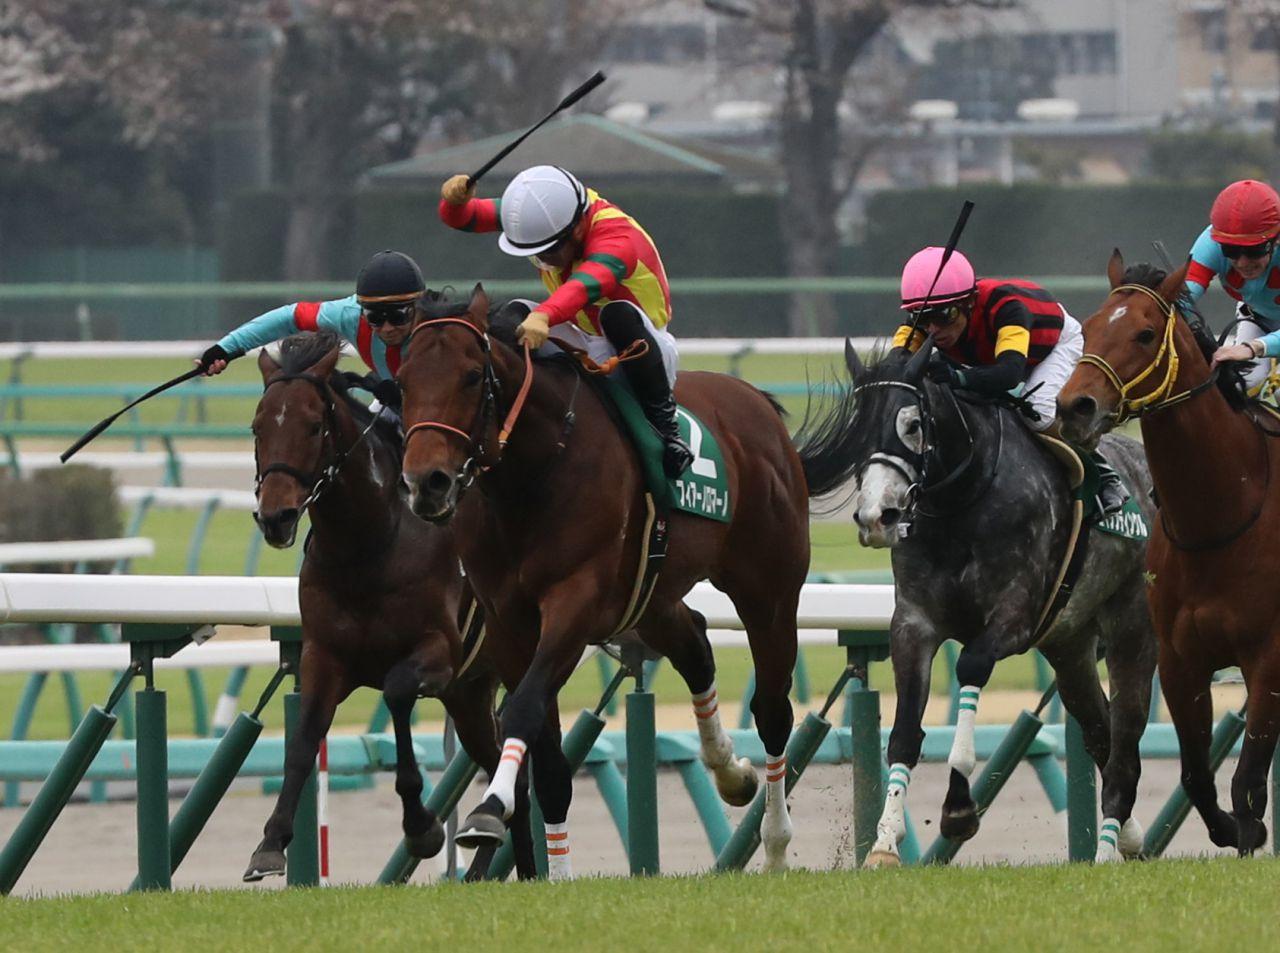 【ダービー卿CT】フィアーノロマーノが重賞初制覇!川田騎手好調